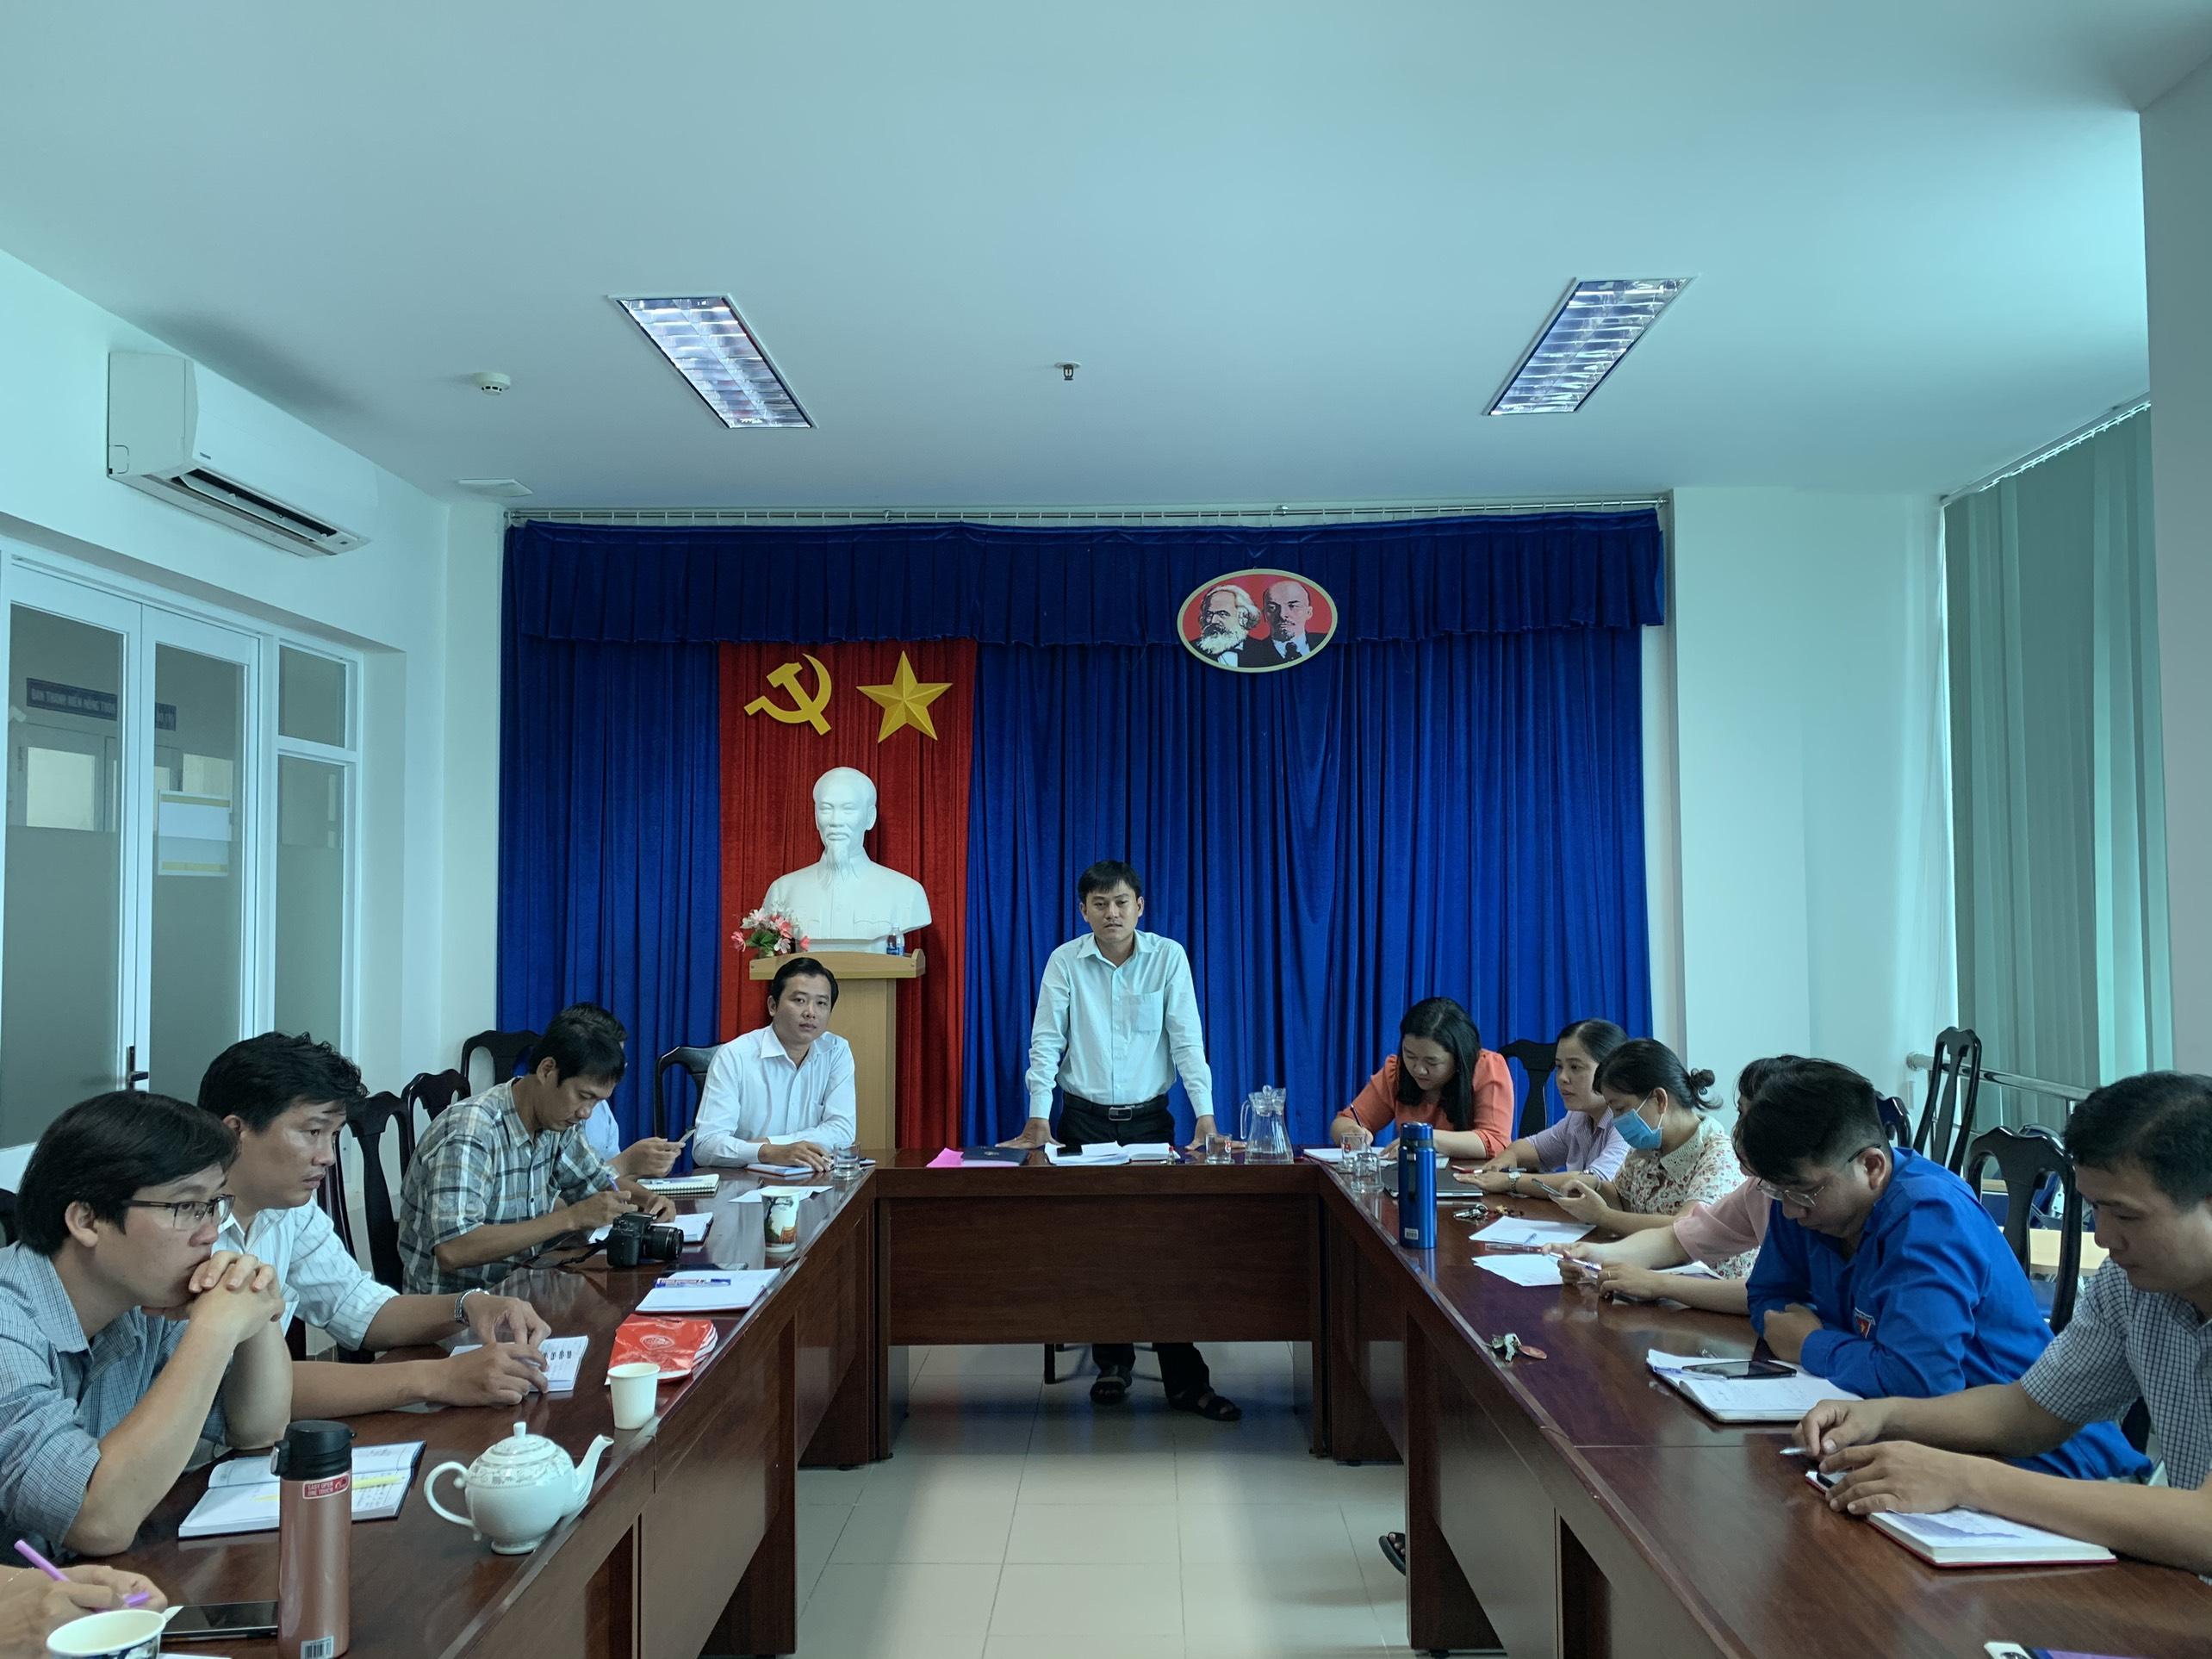 Chi bộ Tỉnh đoàn: triển khai Nghị quyết Đại hội đại biểu đảng bộ Khối Cơ quan – Doanh nghiệp tỉnh lần thứ XIII, nhiệm kỳ 2020 – 2025